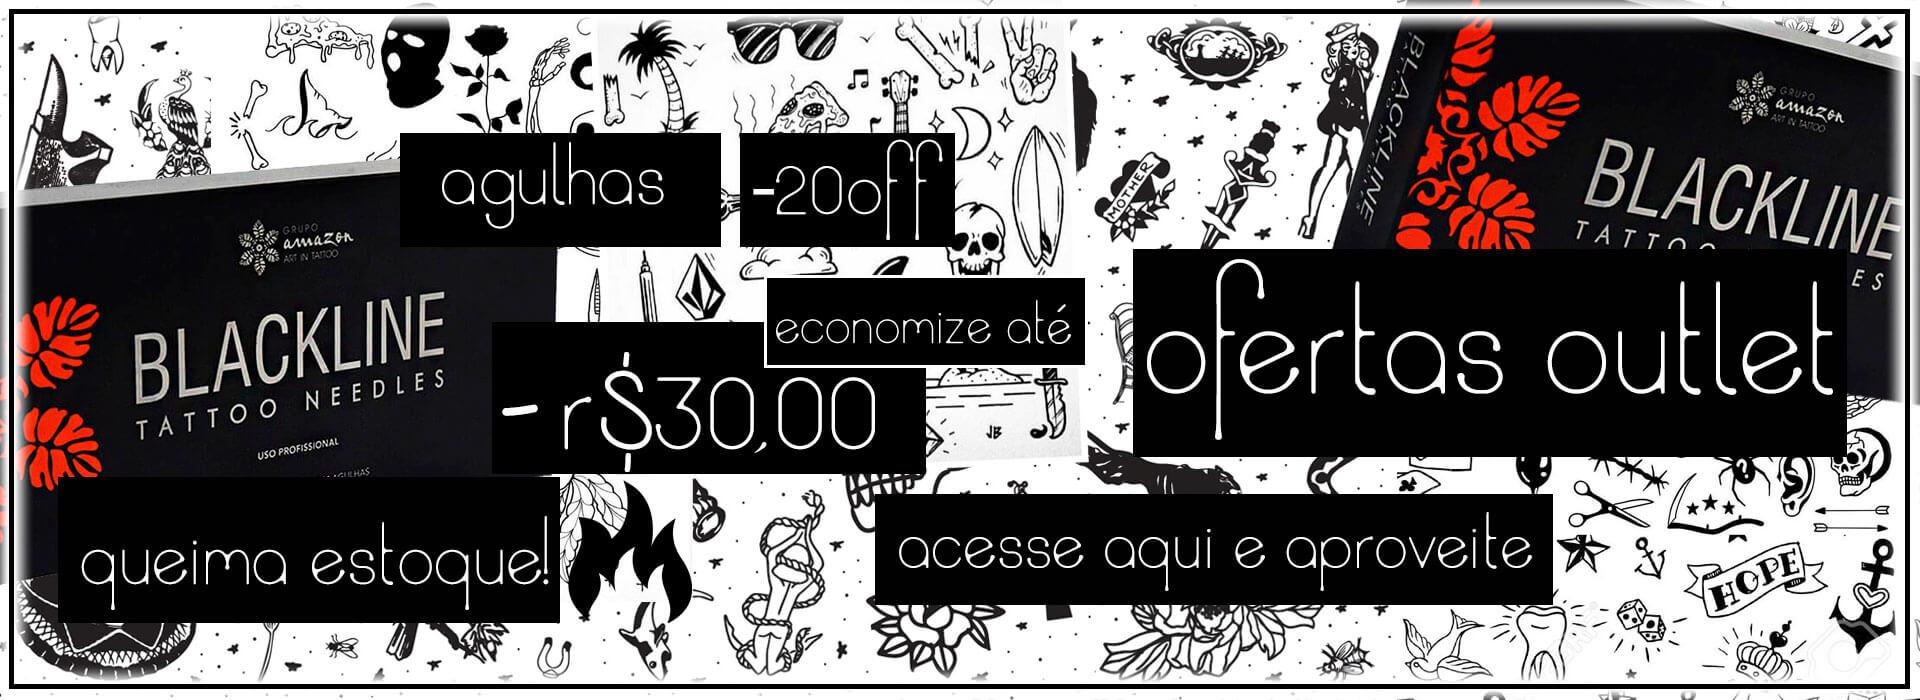 Compre hoje sua máquina de tattoo em promoção e parcelado, entregamos em todo brasil